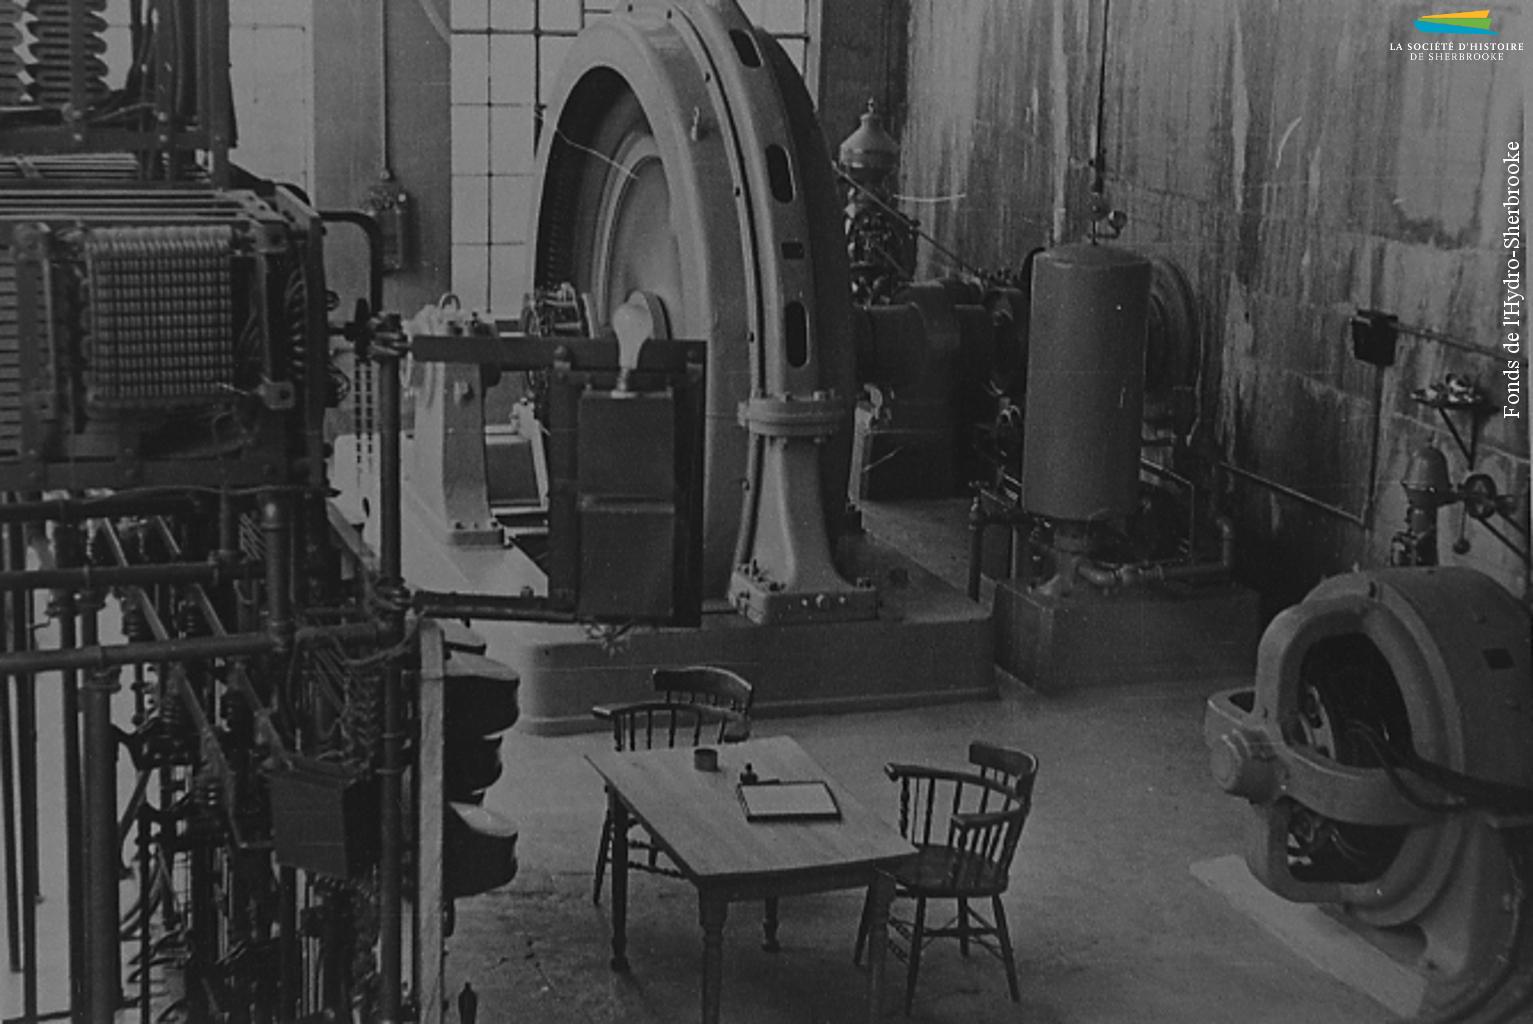 La salle des génératrices de la centrale hydroélectrique de Weedon, en 1942. Le barrage et la centrale sont achetés en 1917 par la Ville de Sherbrooke, qui construit une ligne de transport de l'électricité à Sherbrooke. Le barrage et la centrale sont reconstruits en béton en 1920-1921.